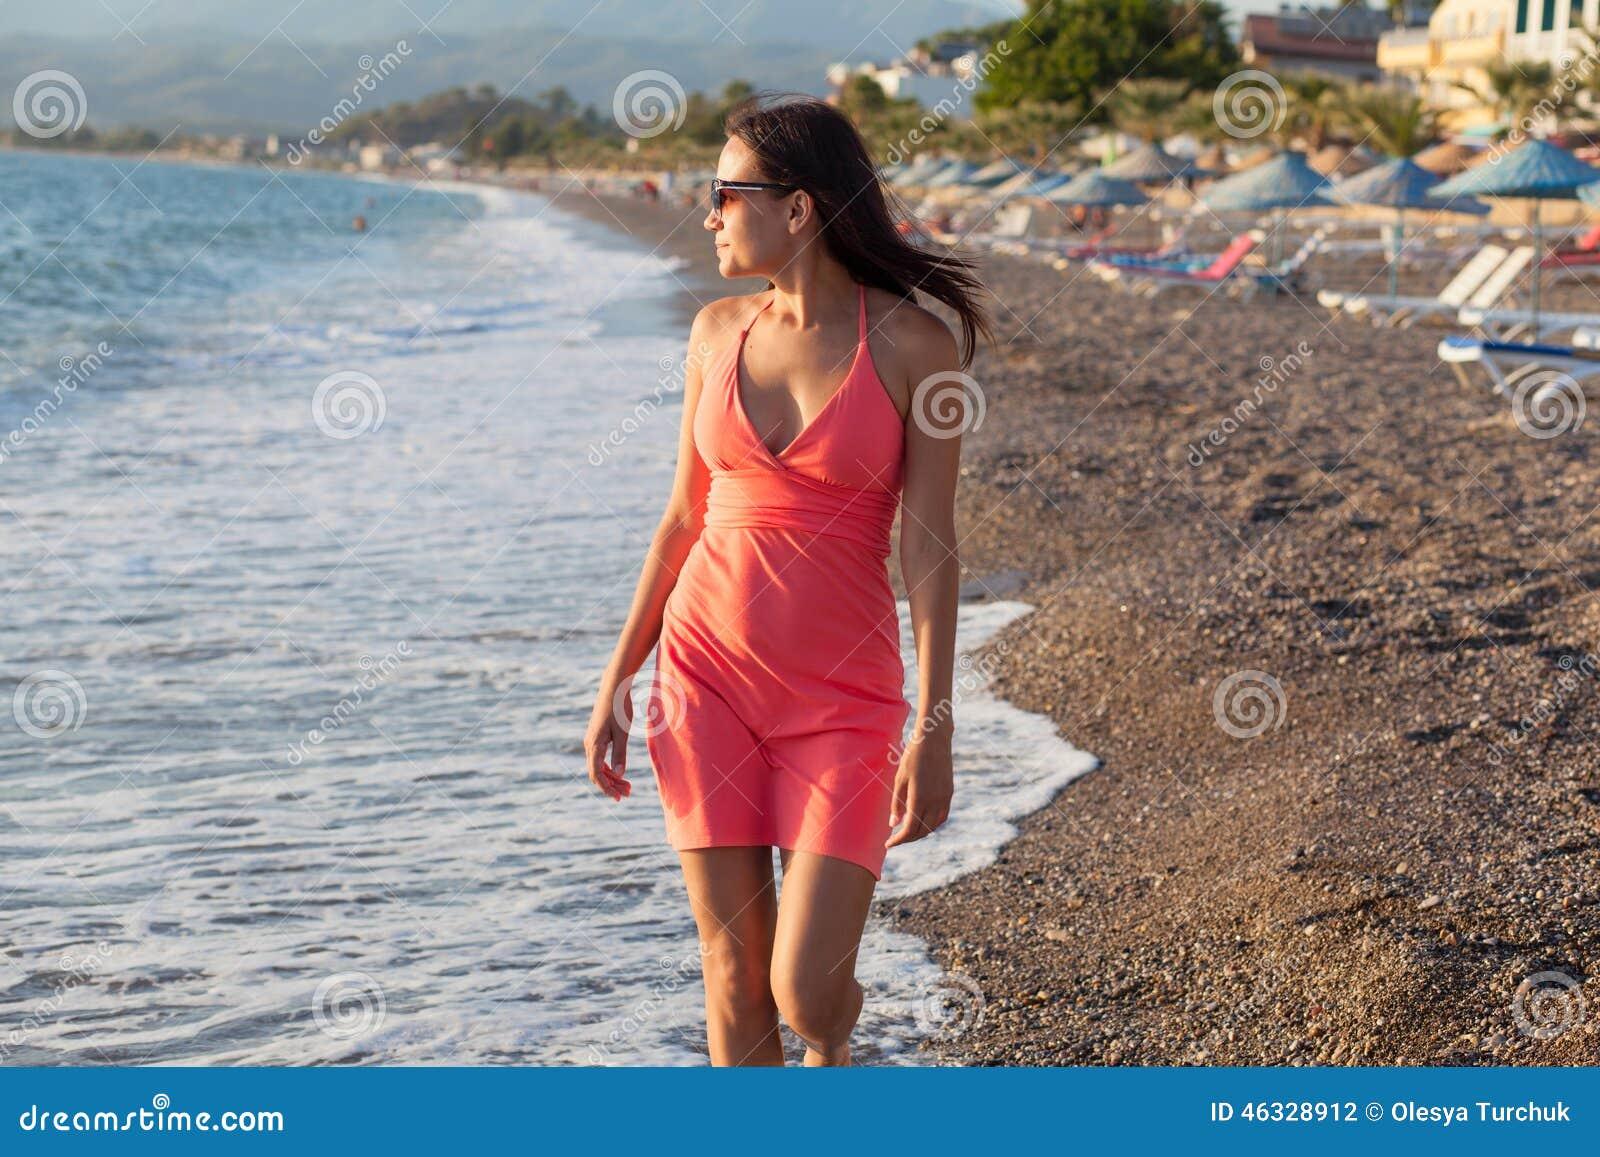 Young Beautiful Woman Girl Walking Along The Beach Stock ...